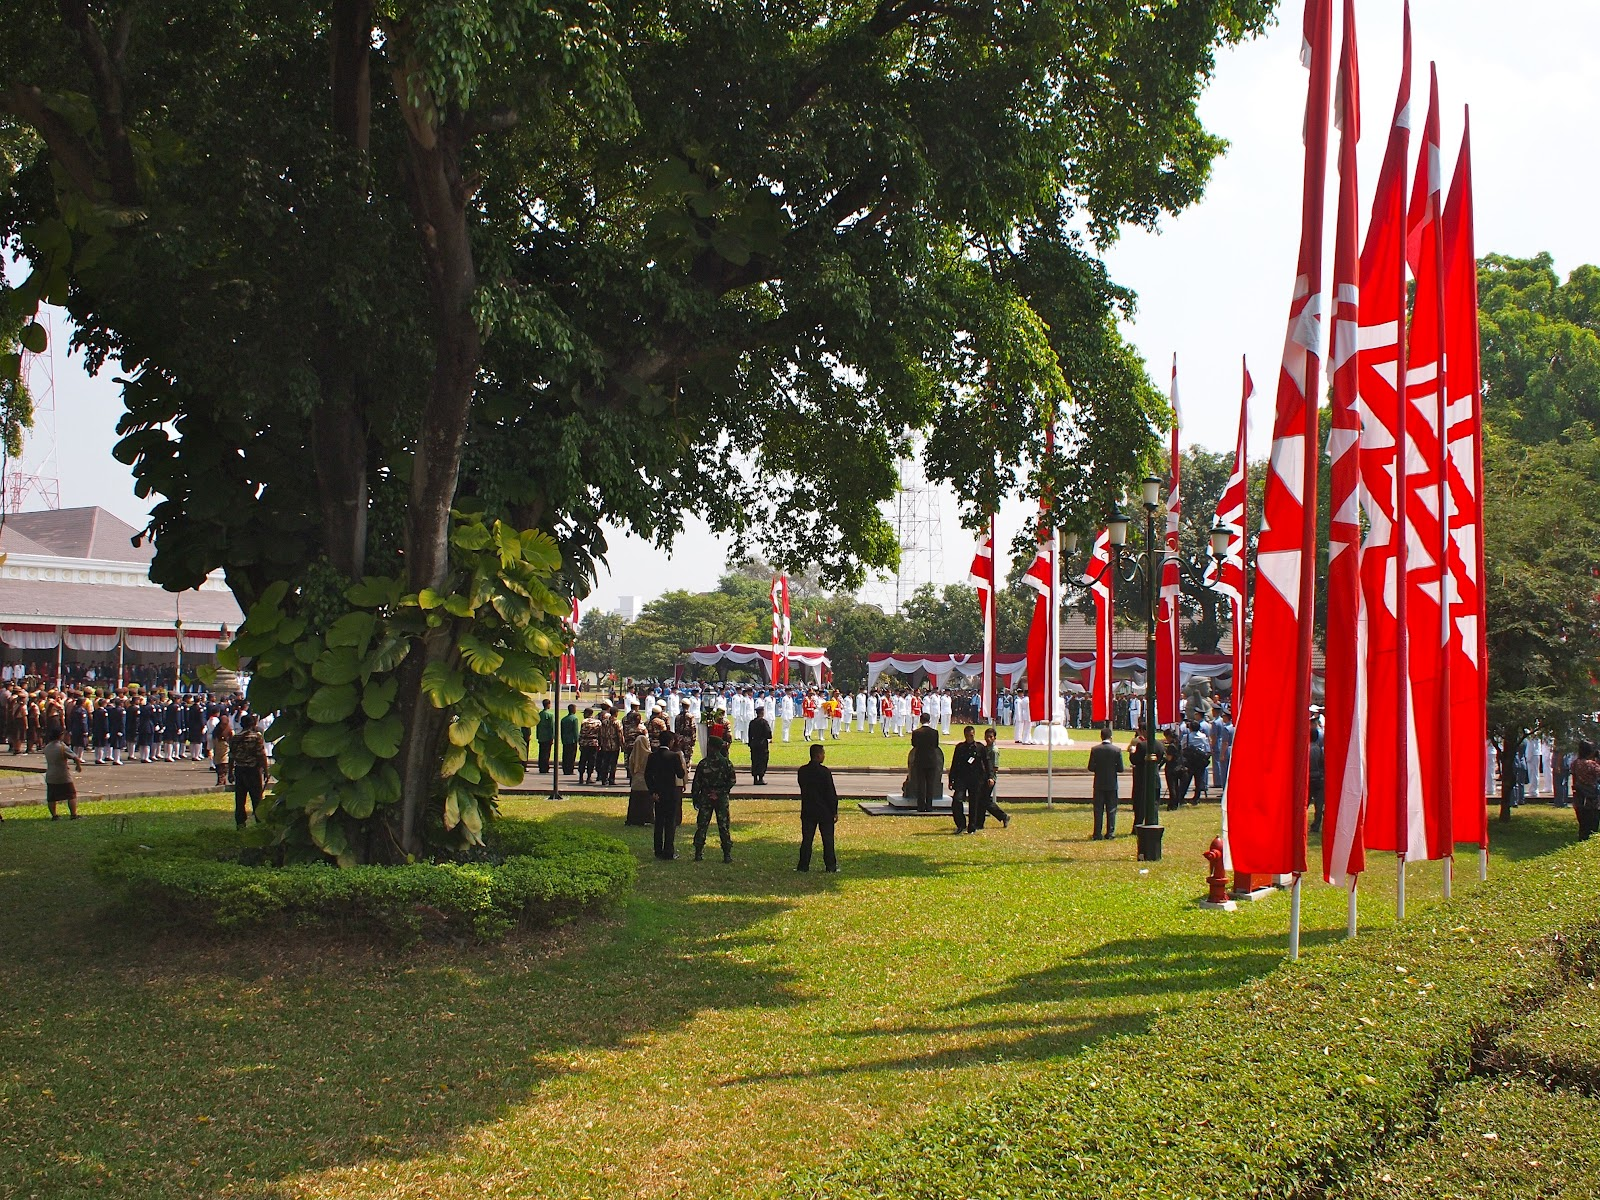 Carretera y Mosquitera: INDONESIA. 2.- Java. (Yogjakarta)